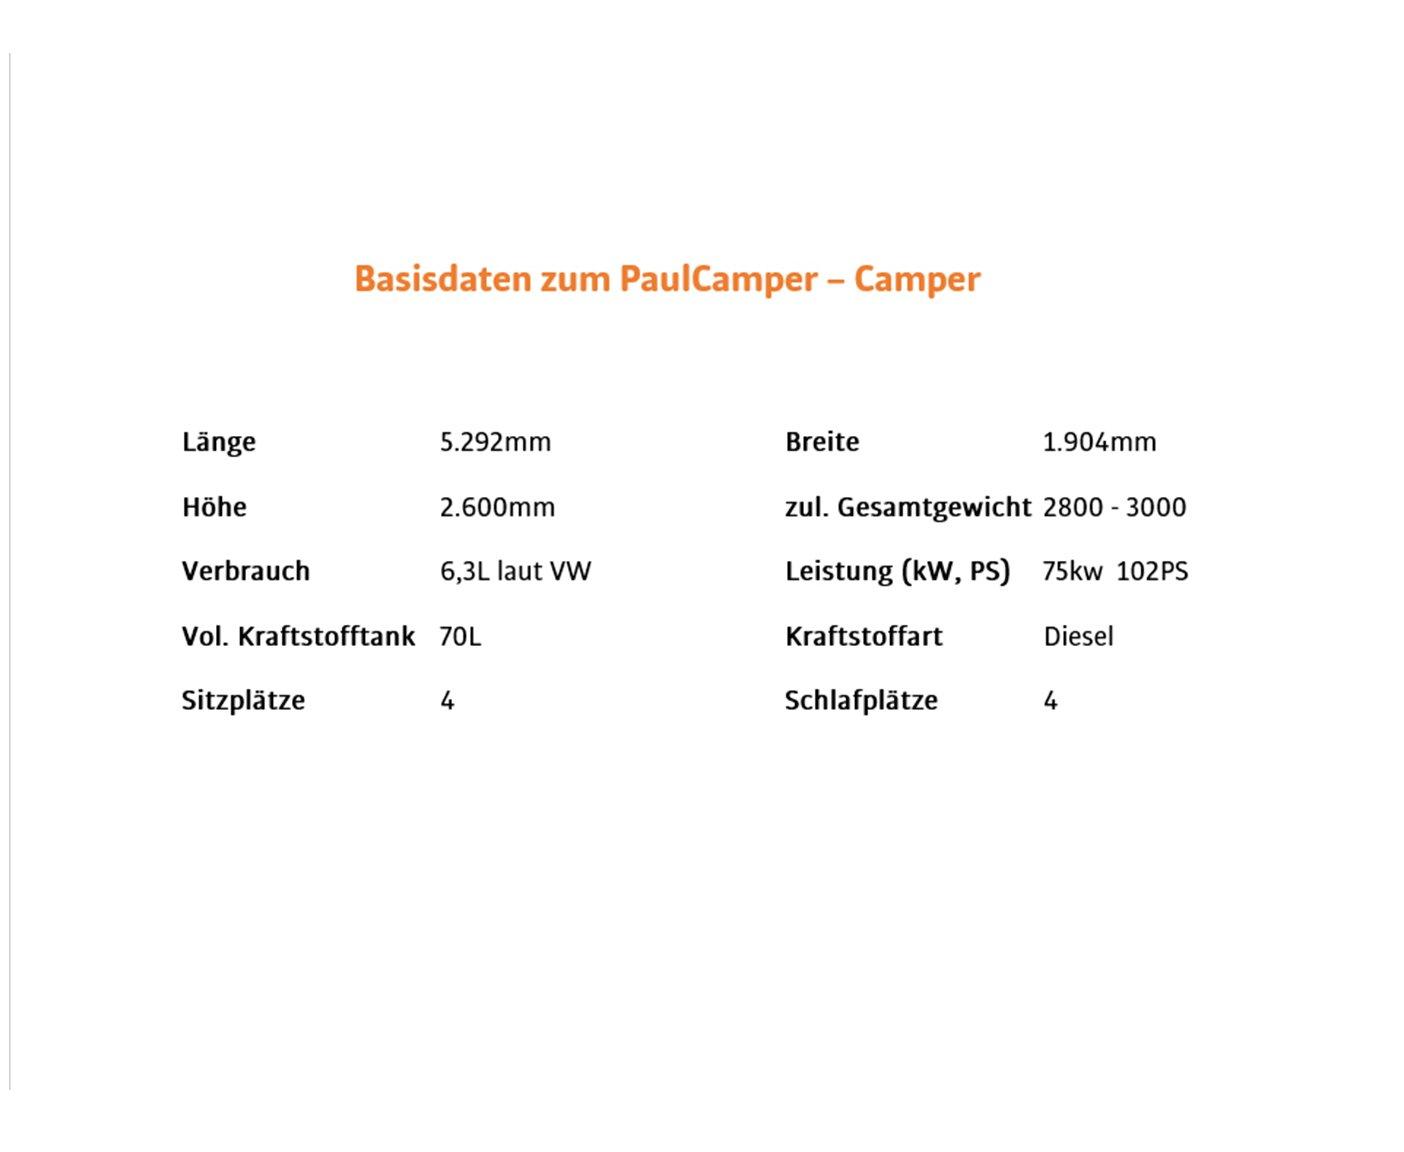 Basisdaten PaulCamper Camper Verbrauch Länge Breite